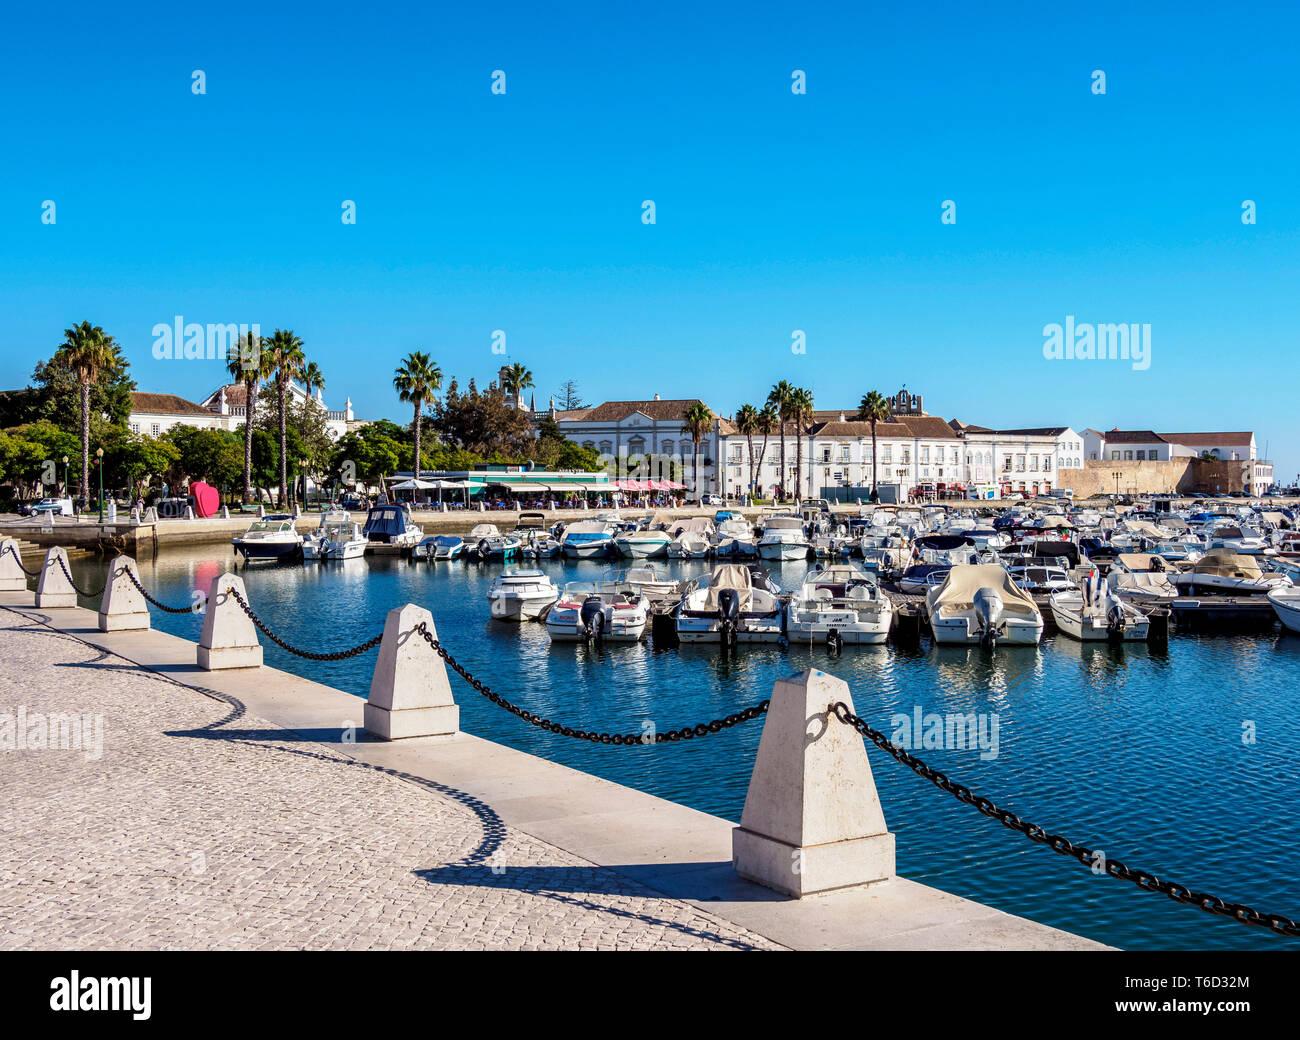 Marina in Faro, Algarve, Portugal - Stock Image